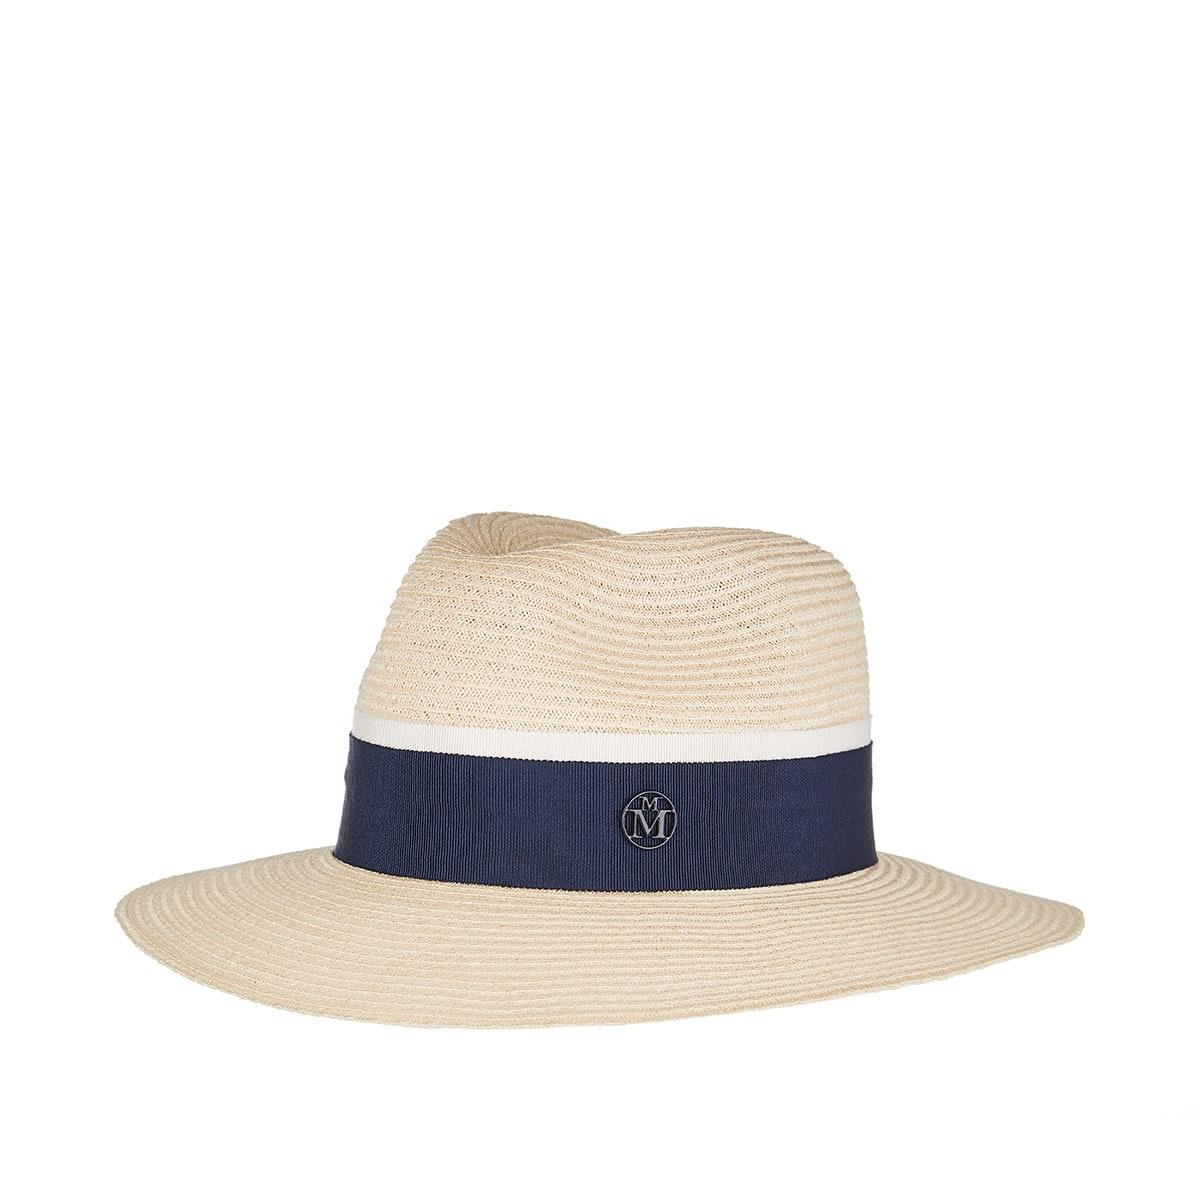 Henrietta straw fedora hat